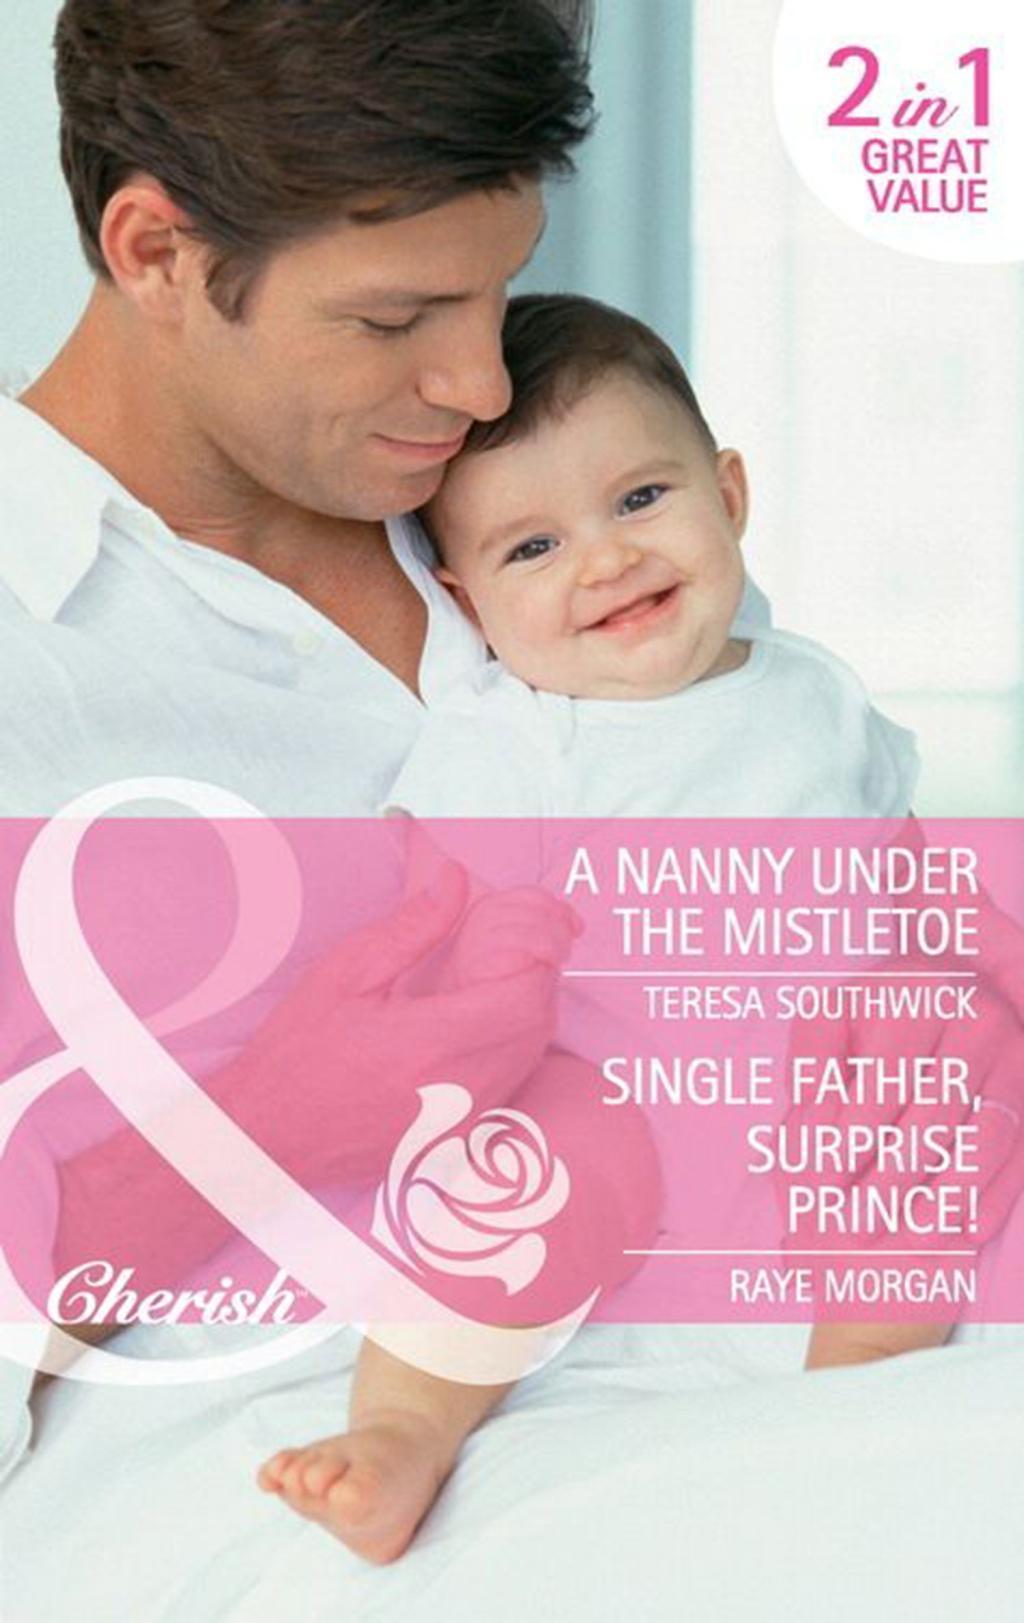 A Nanny Under the Mistletoe: A Nanny Under the Mistletoe / Single Father, Surprise Prince! (Mills & Boon Cherish)